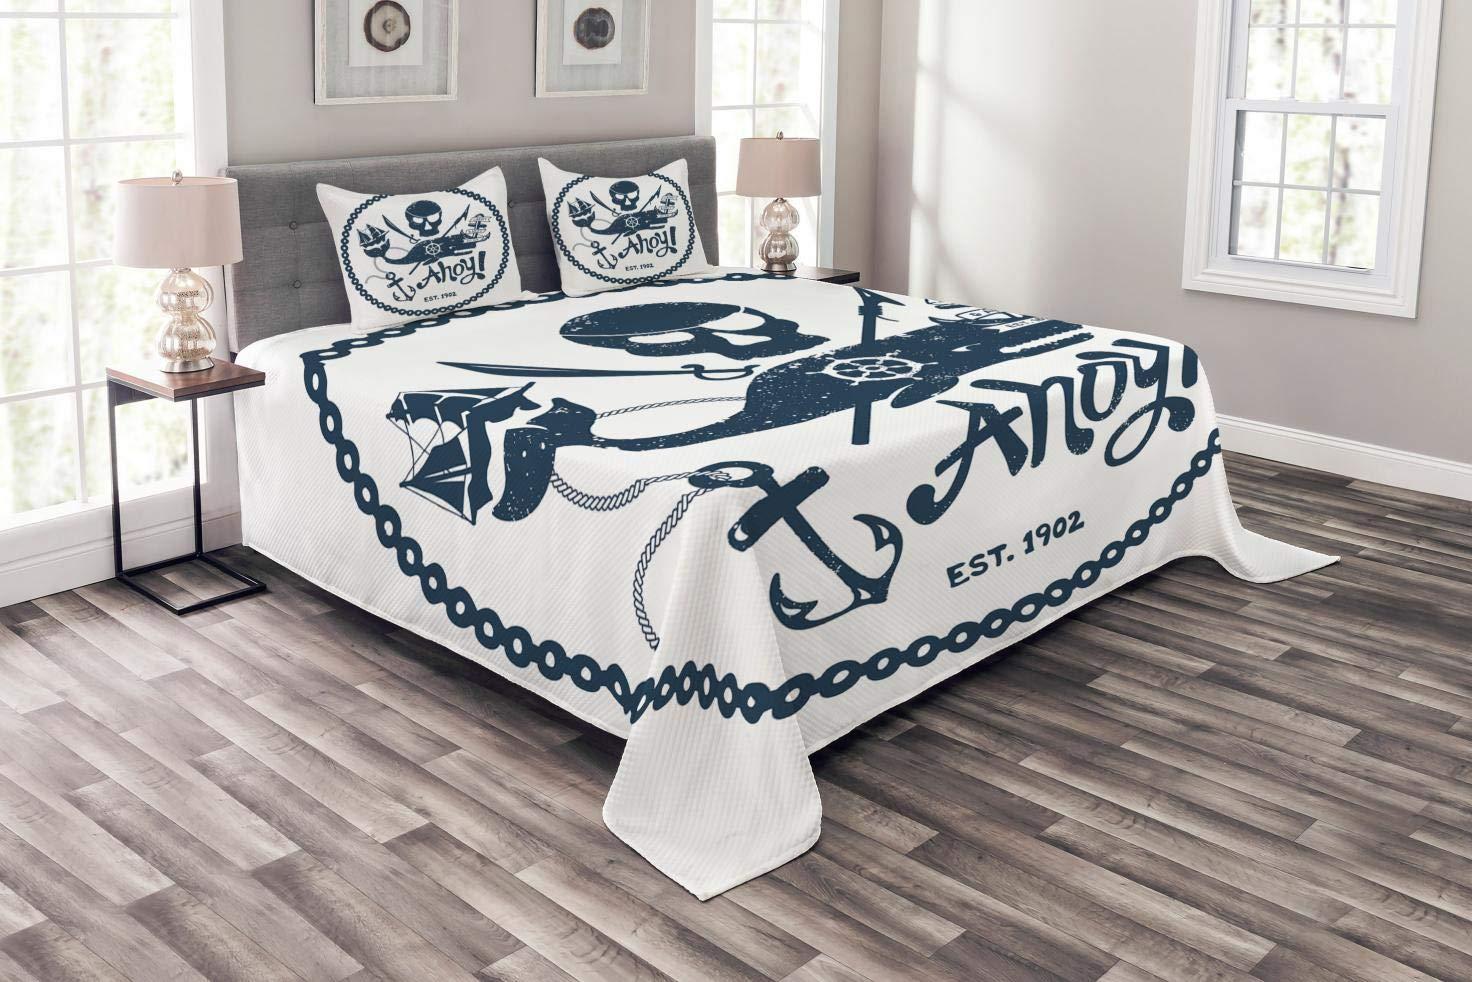 Abakuhaus Anker Tagesdecke Set, Nautik Piraten-Schädel, Set mit Kissenbezügen luftdurchlässig, für Doppelbetten 264 x 220 cm, Dunkelblau Weiß